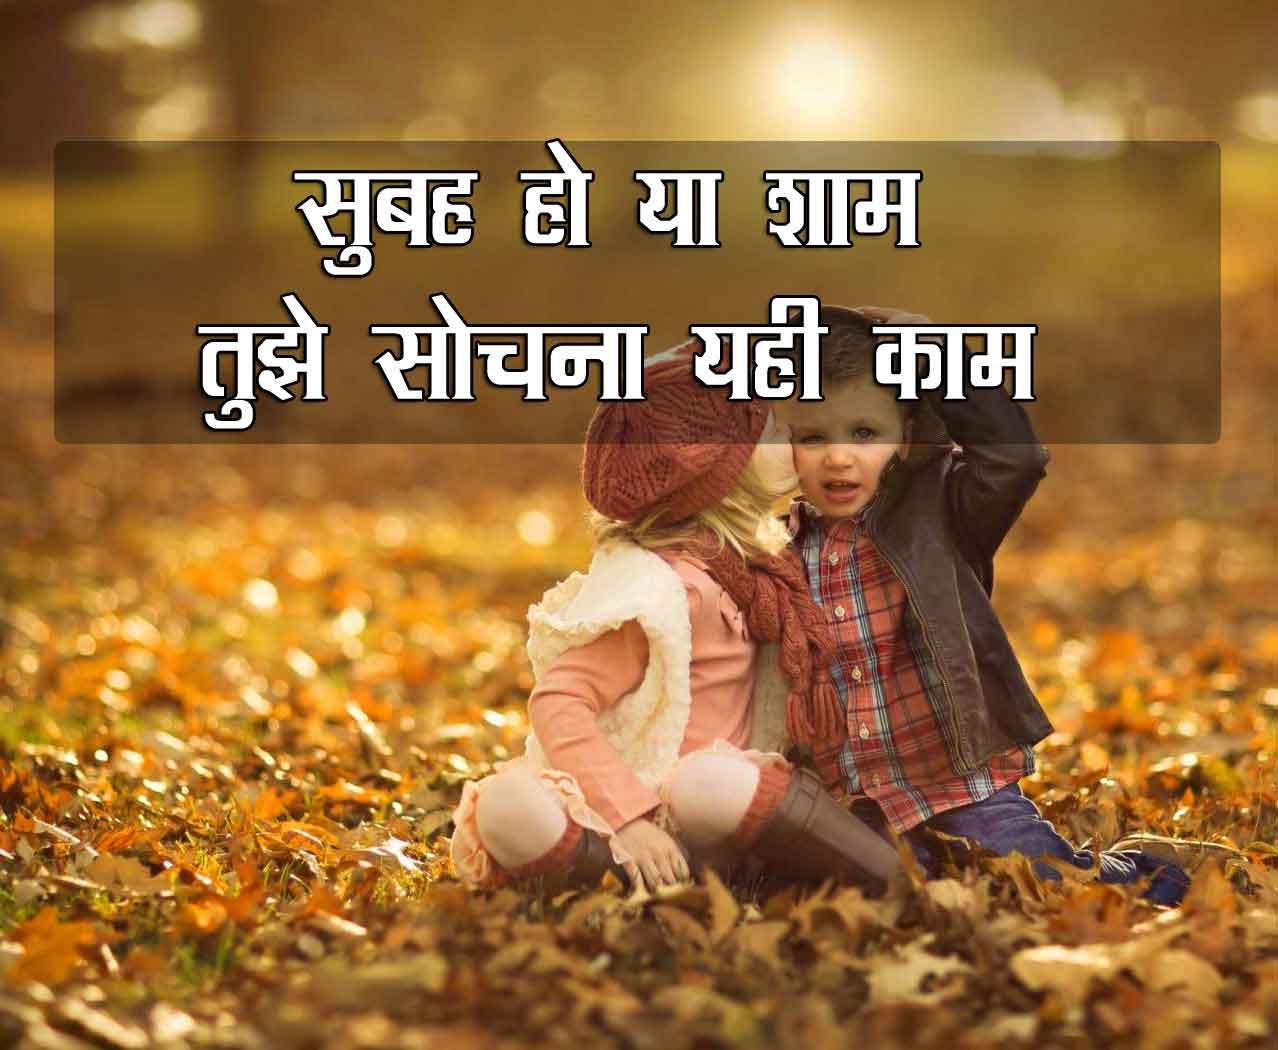 Love Shayari Images HD 2021 27